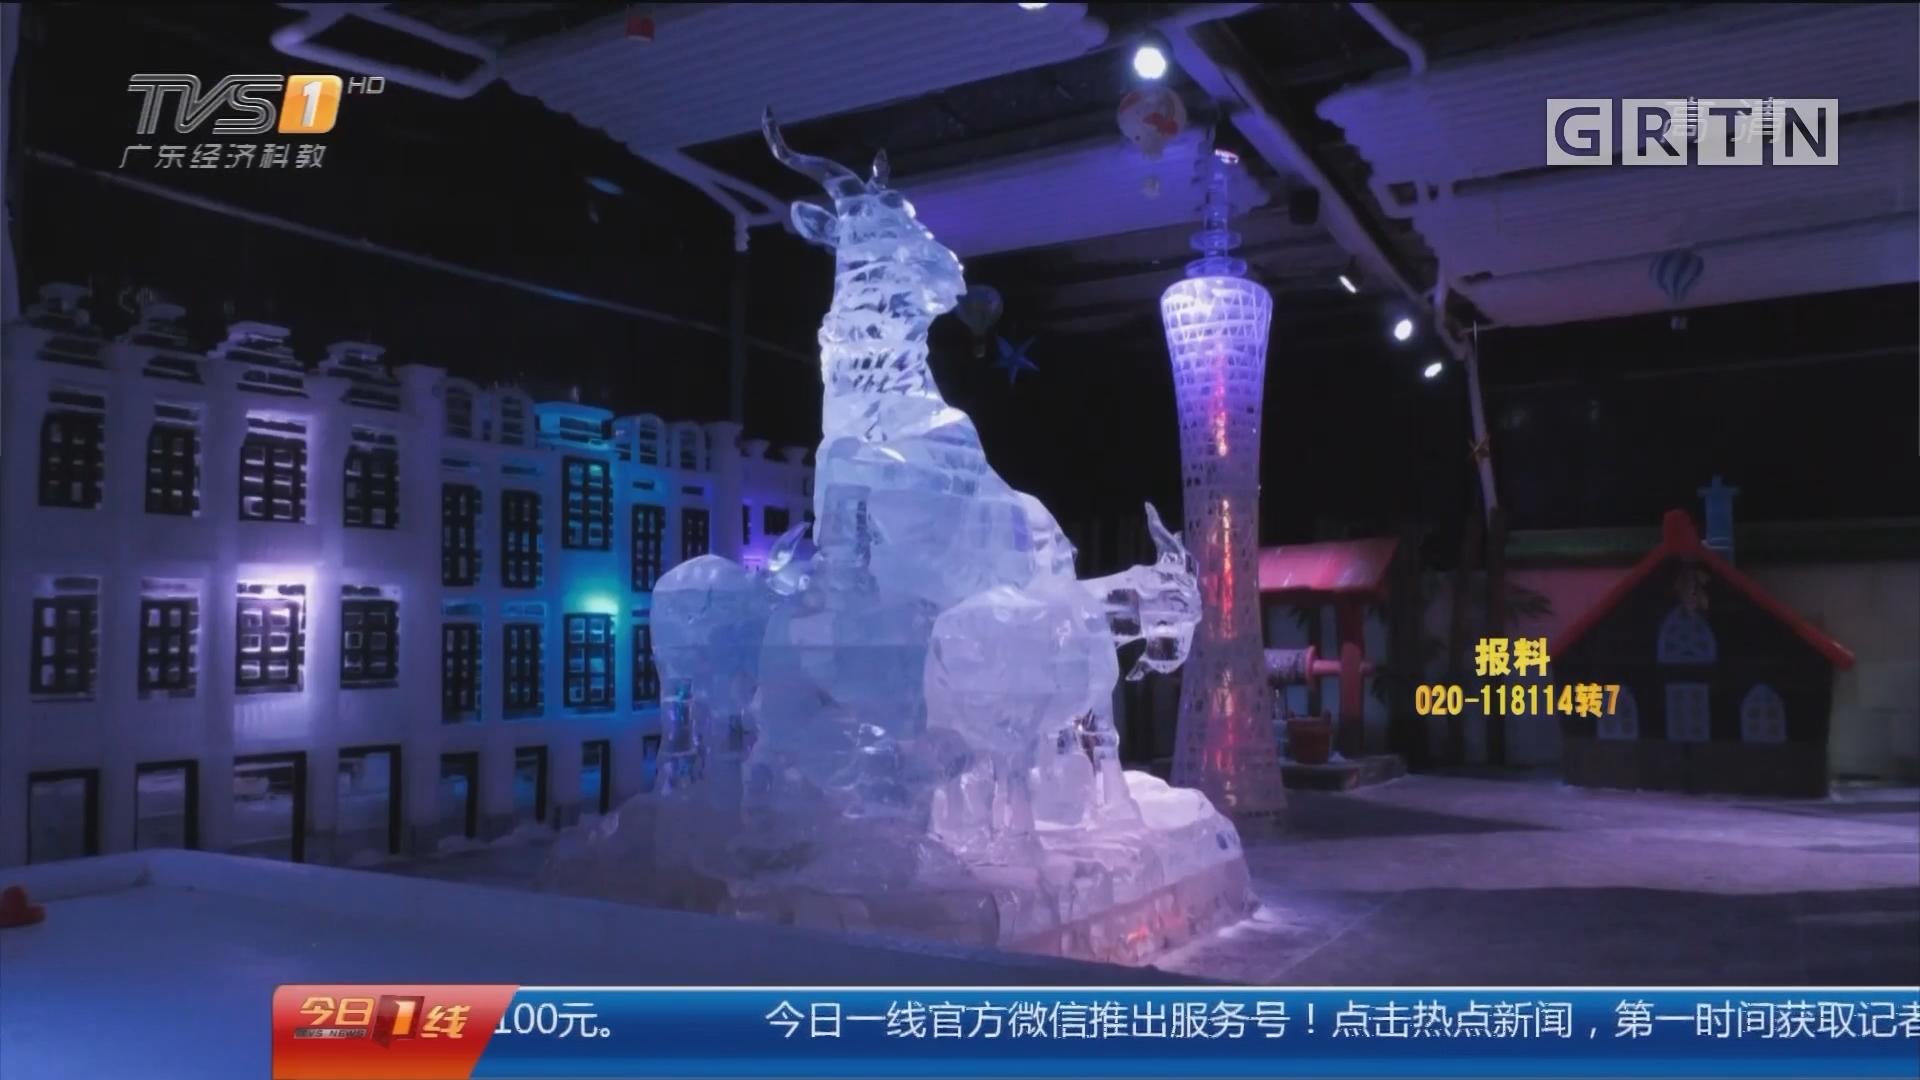 广州文化公园:冰雪乐园开园 家门口就能滑雪打雪仗